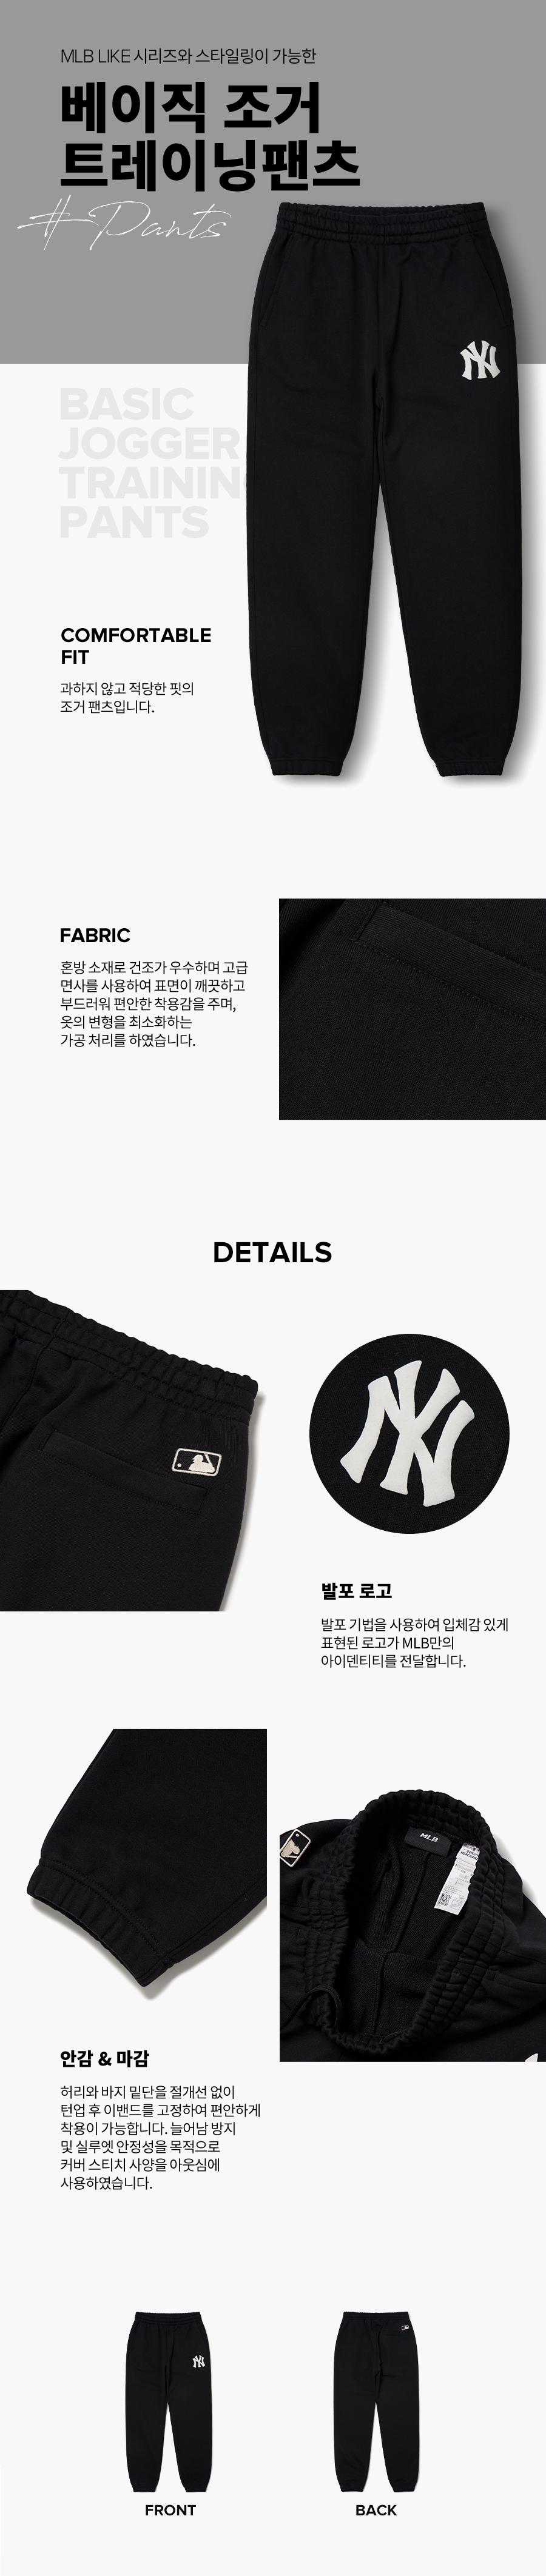 엠엘비(MLB) 베이직 조거 트레이닝팬츠 (라이크셋업) NY (Black)